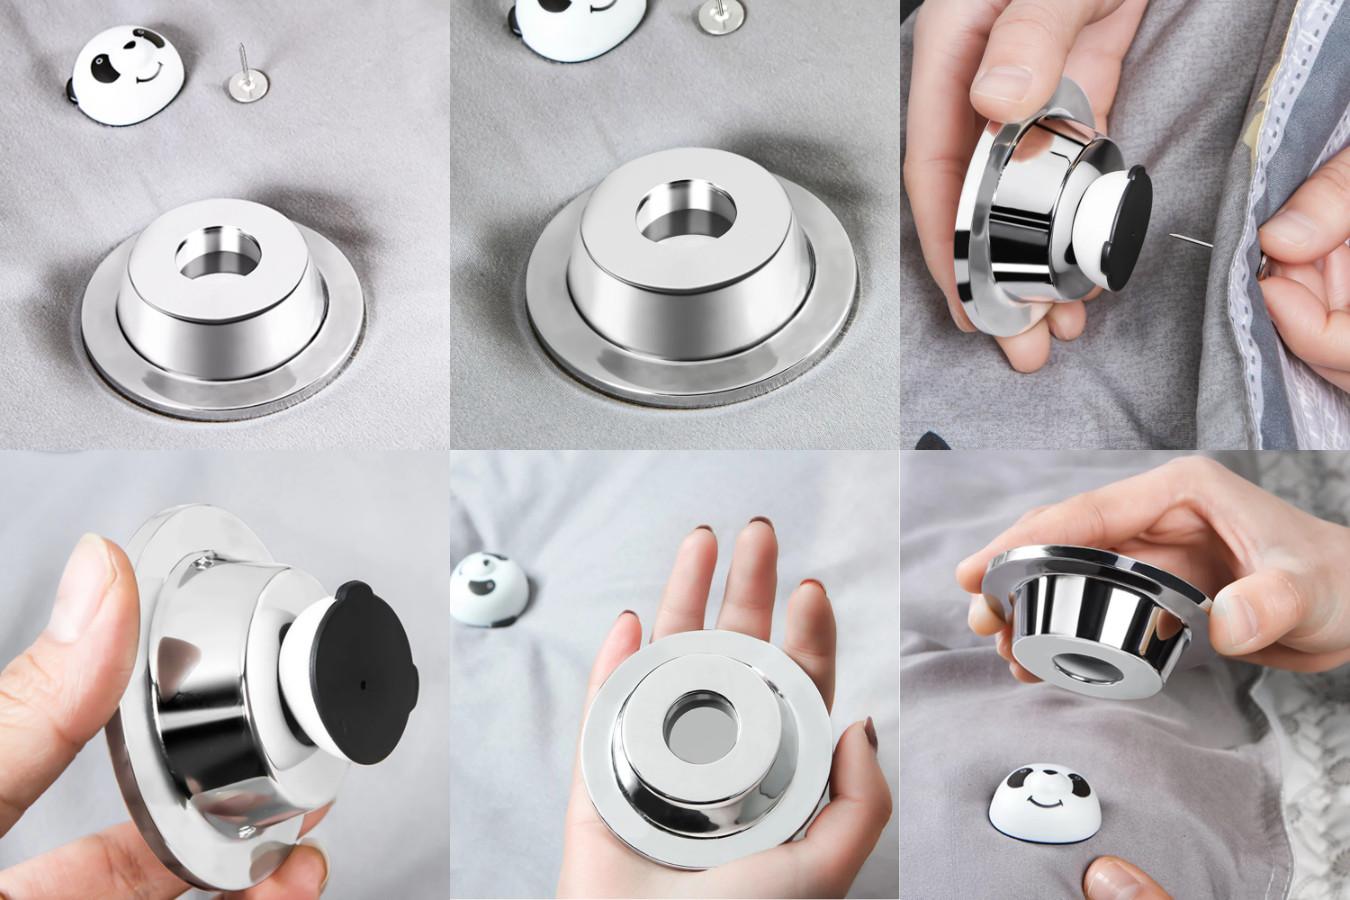 Неодимовый магнит, способный снимать блокировку безопасности на товарах